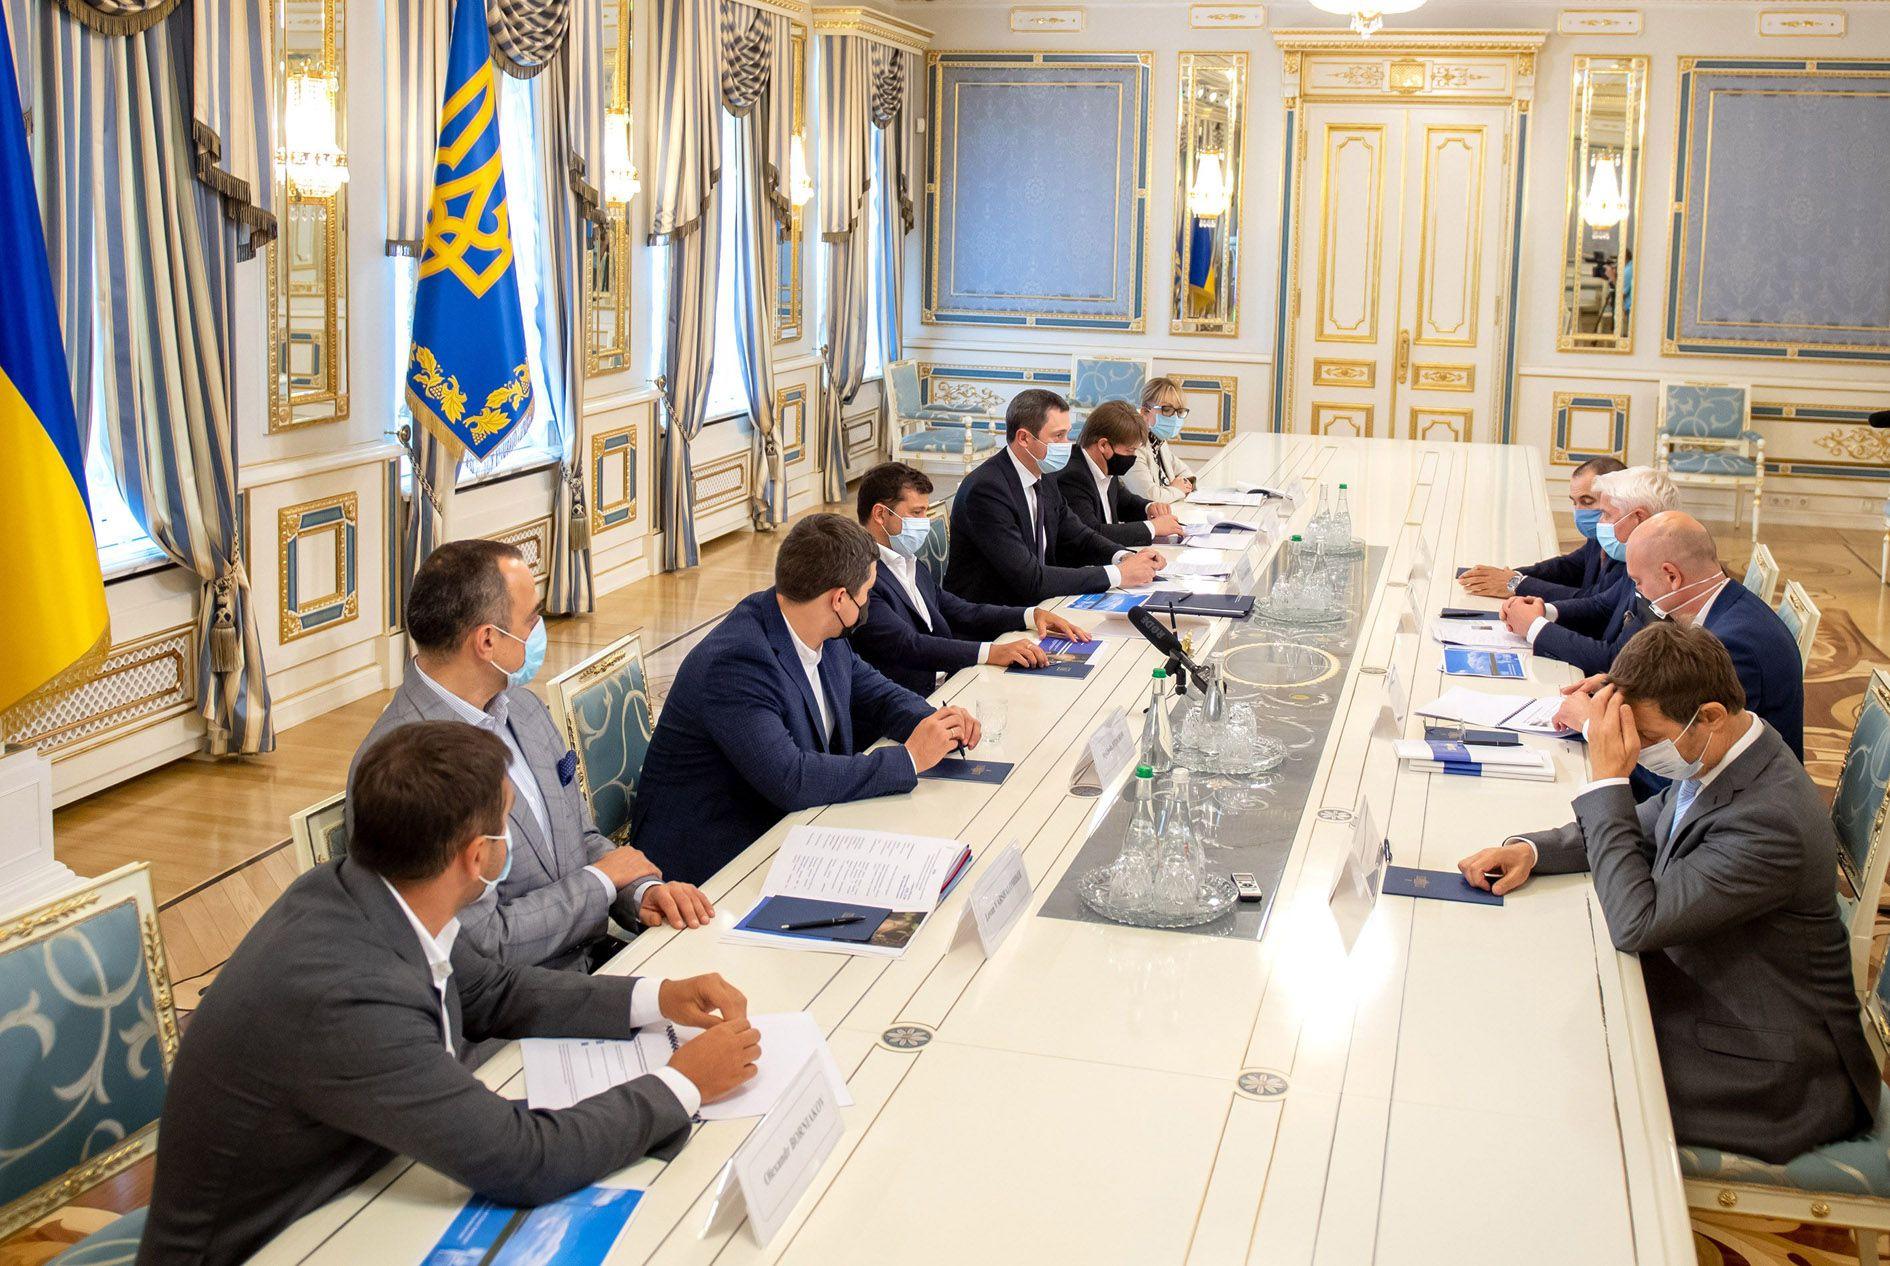 Володимир Зеленський: «Ми завжди підтримуємо проекти, які дають робочі місця та підвищують імідж країни»